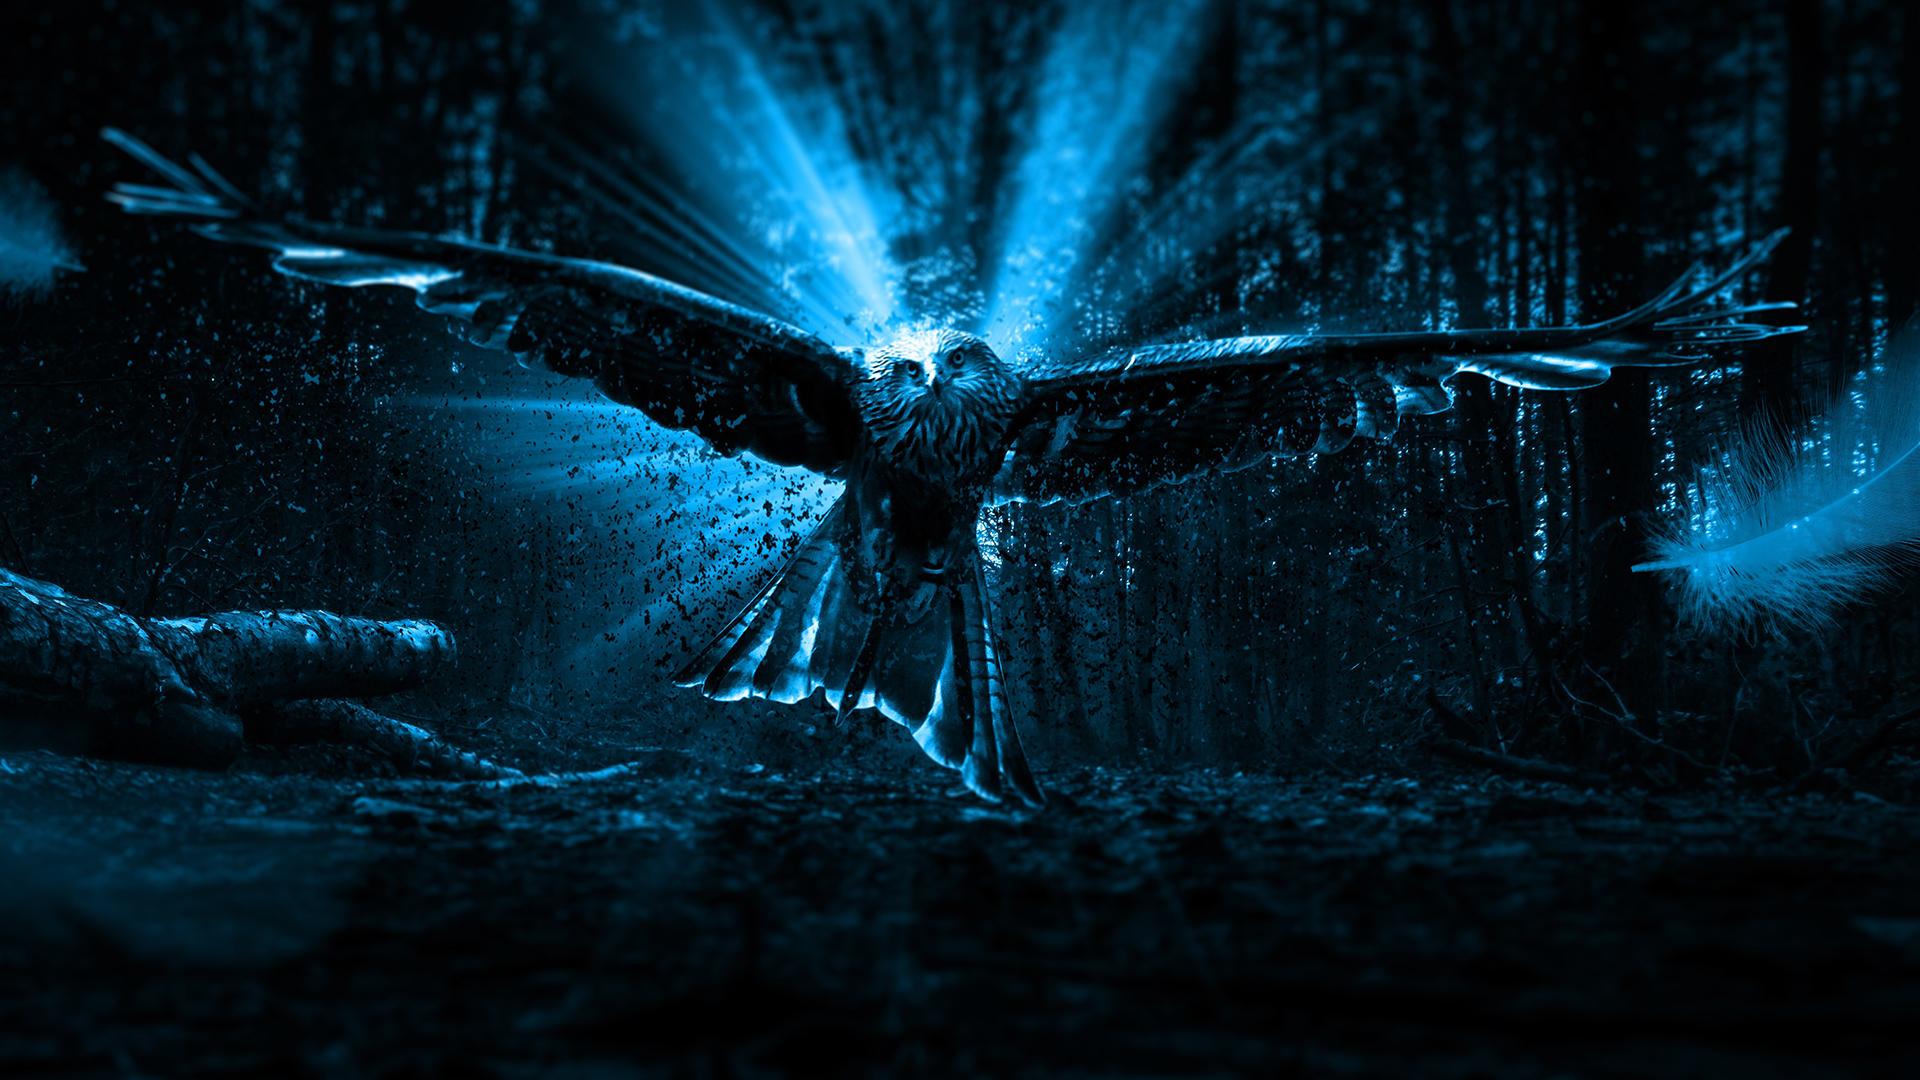 4k Adler Owl Wallpaper Hd